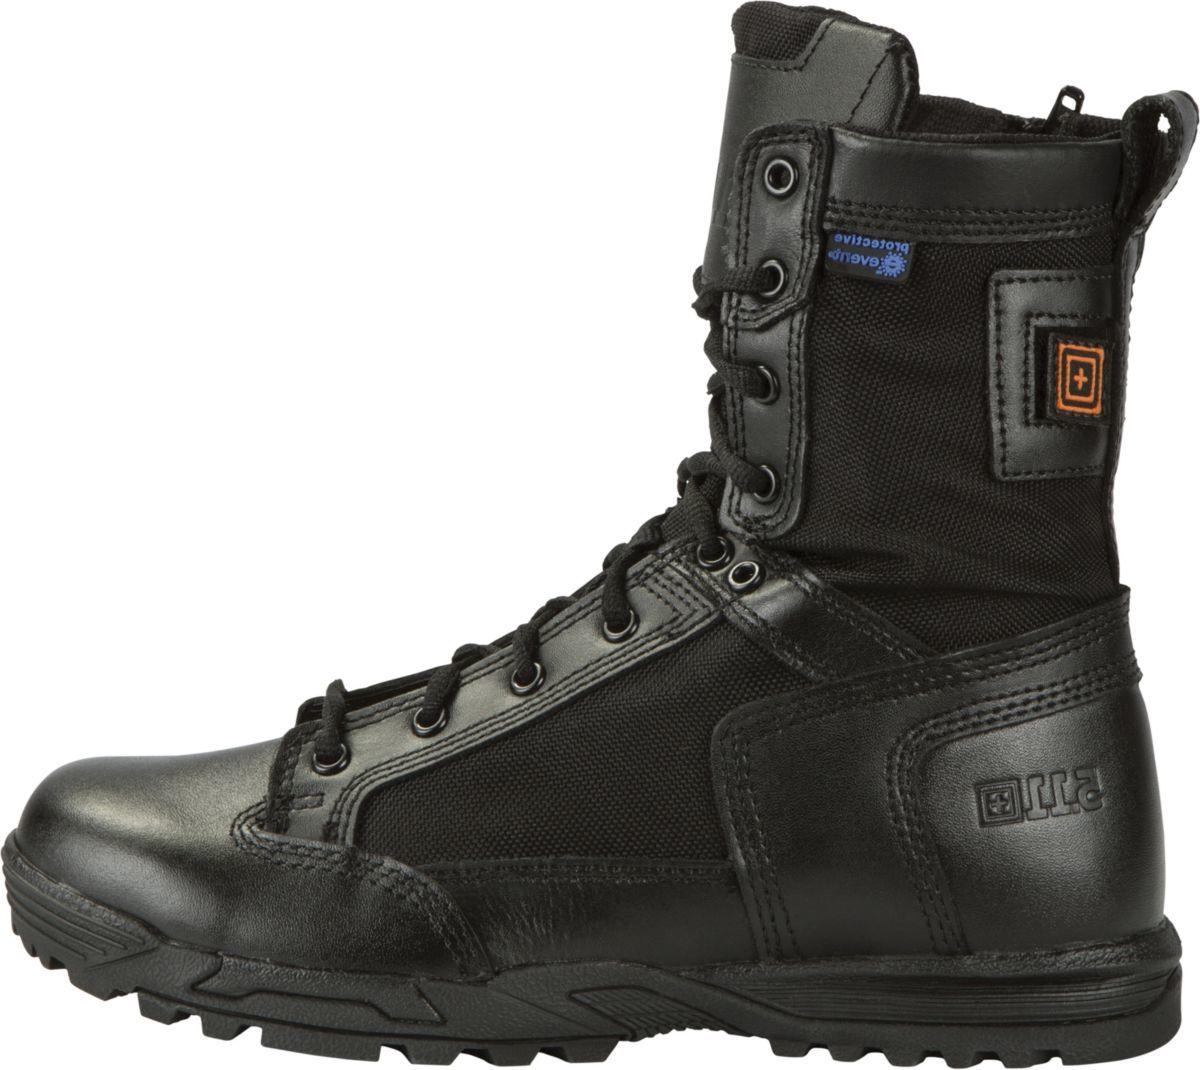 5.11® Men's Skyweight Waterproof Side Zip Duty Boots